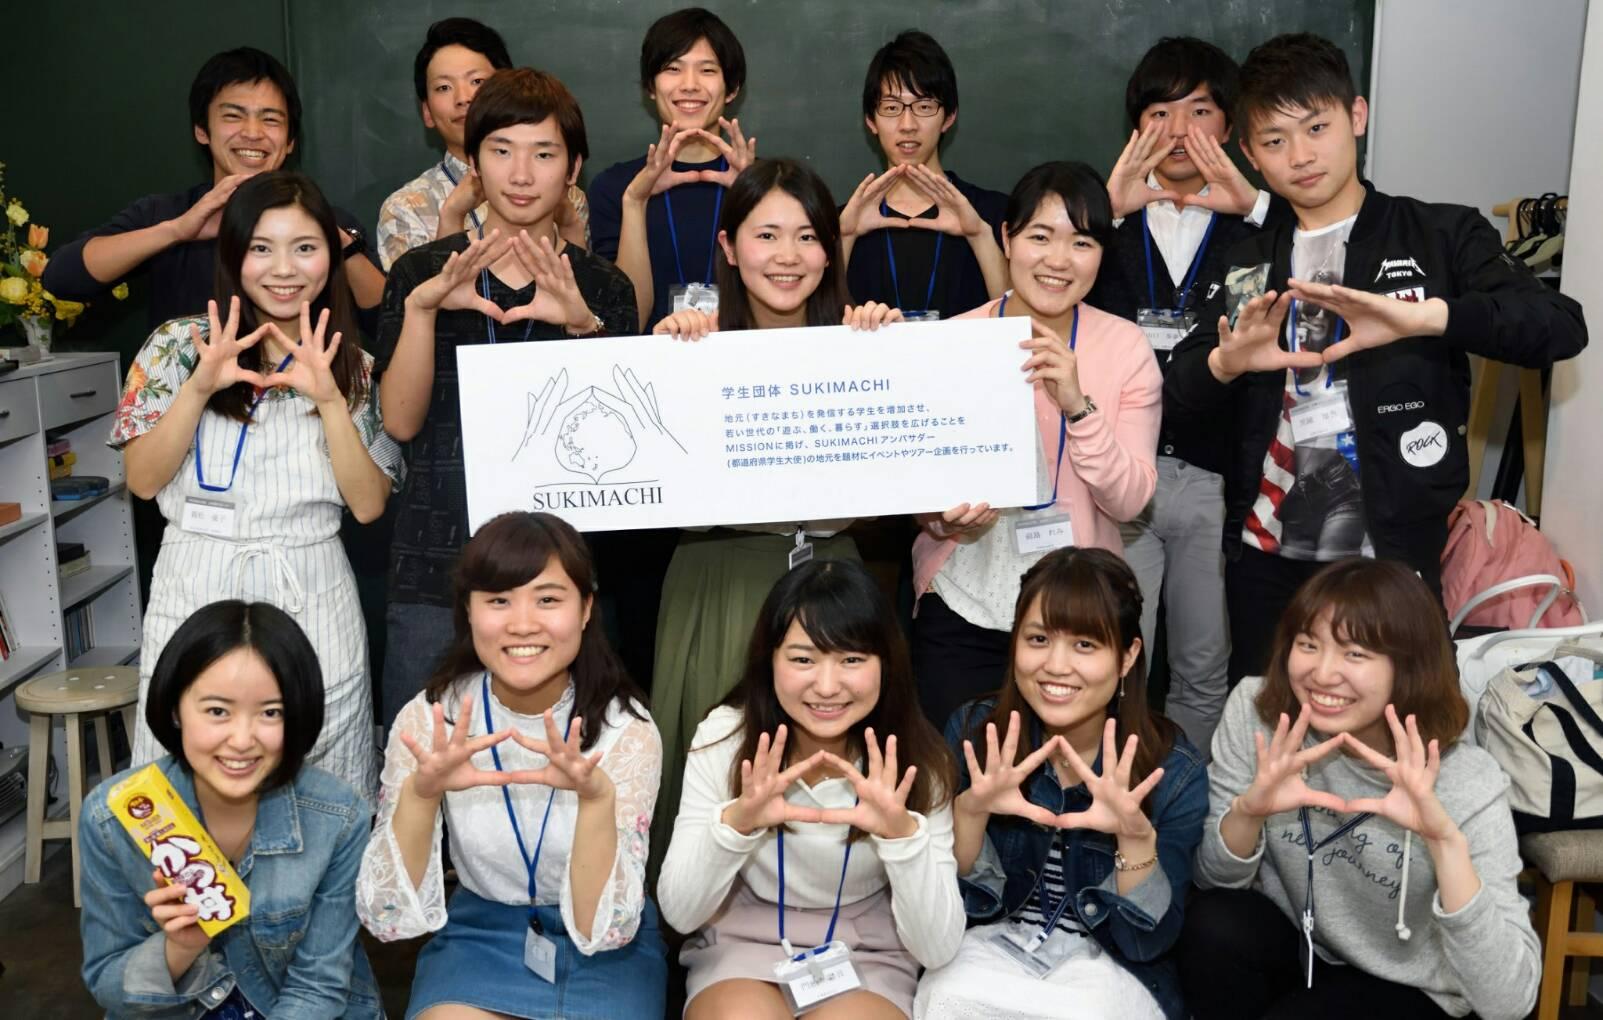 地元の魅力を発信・共有・体験!学生団体SUKIMACHI!